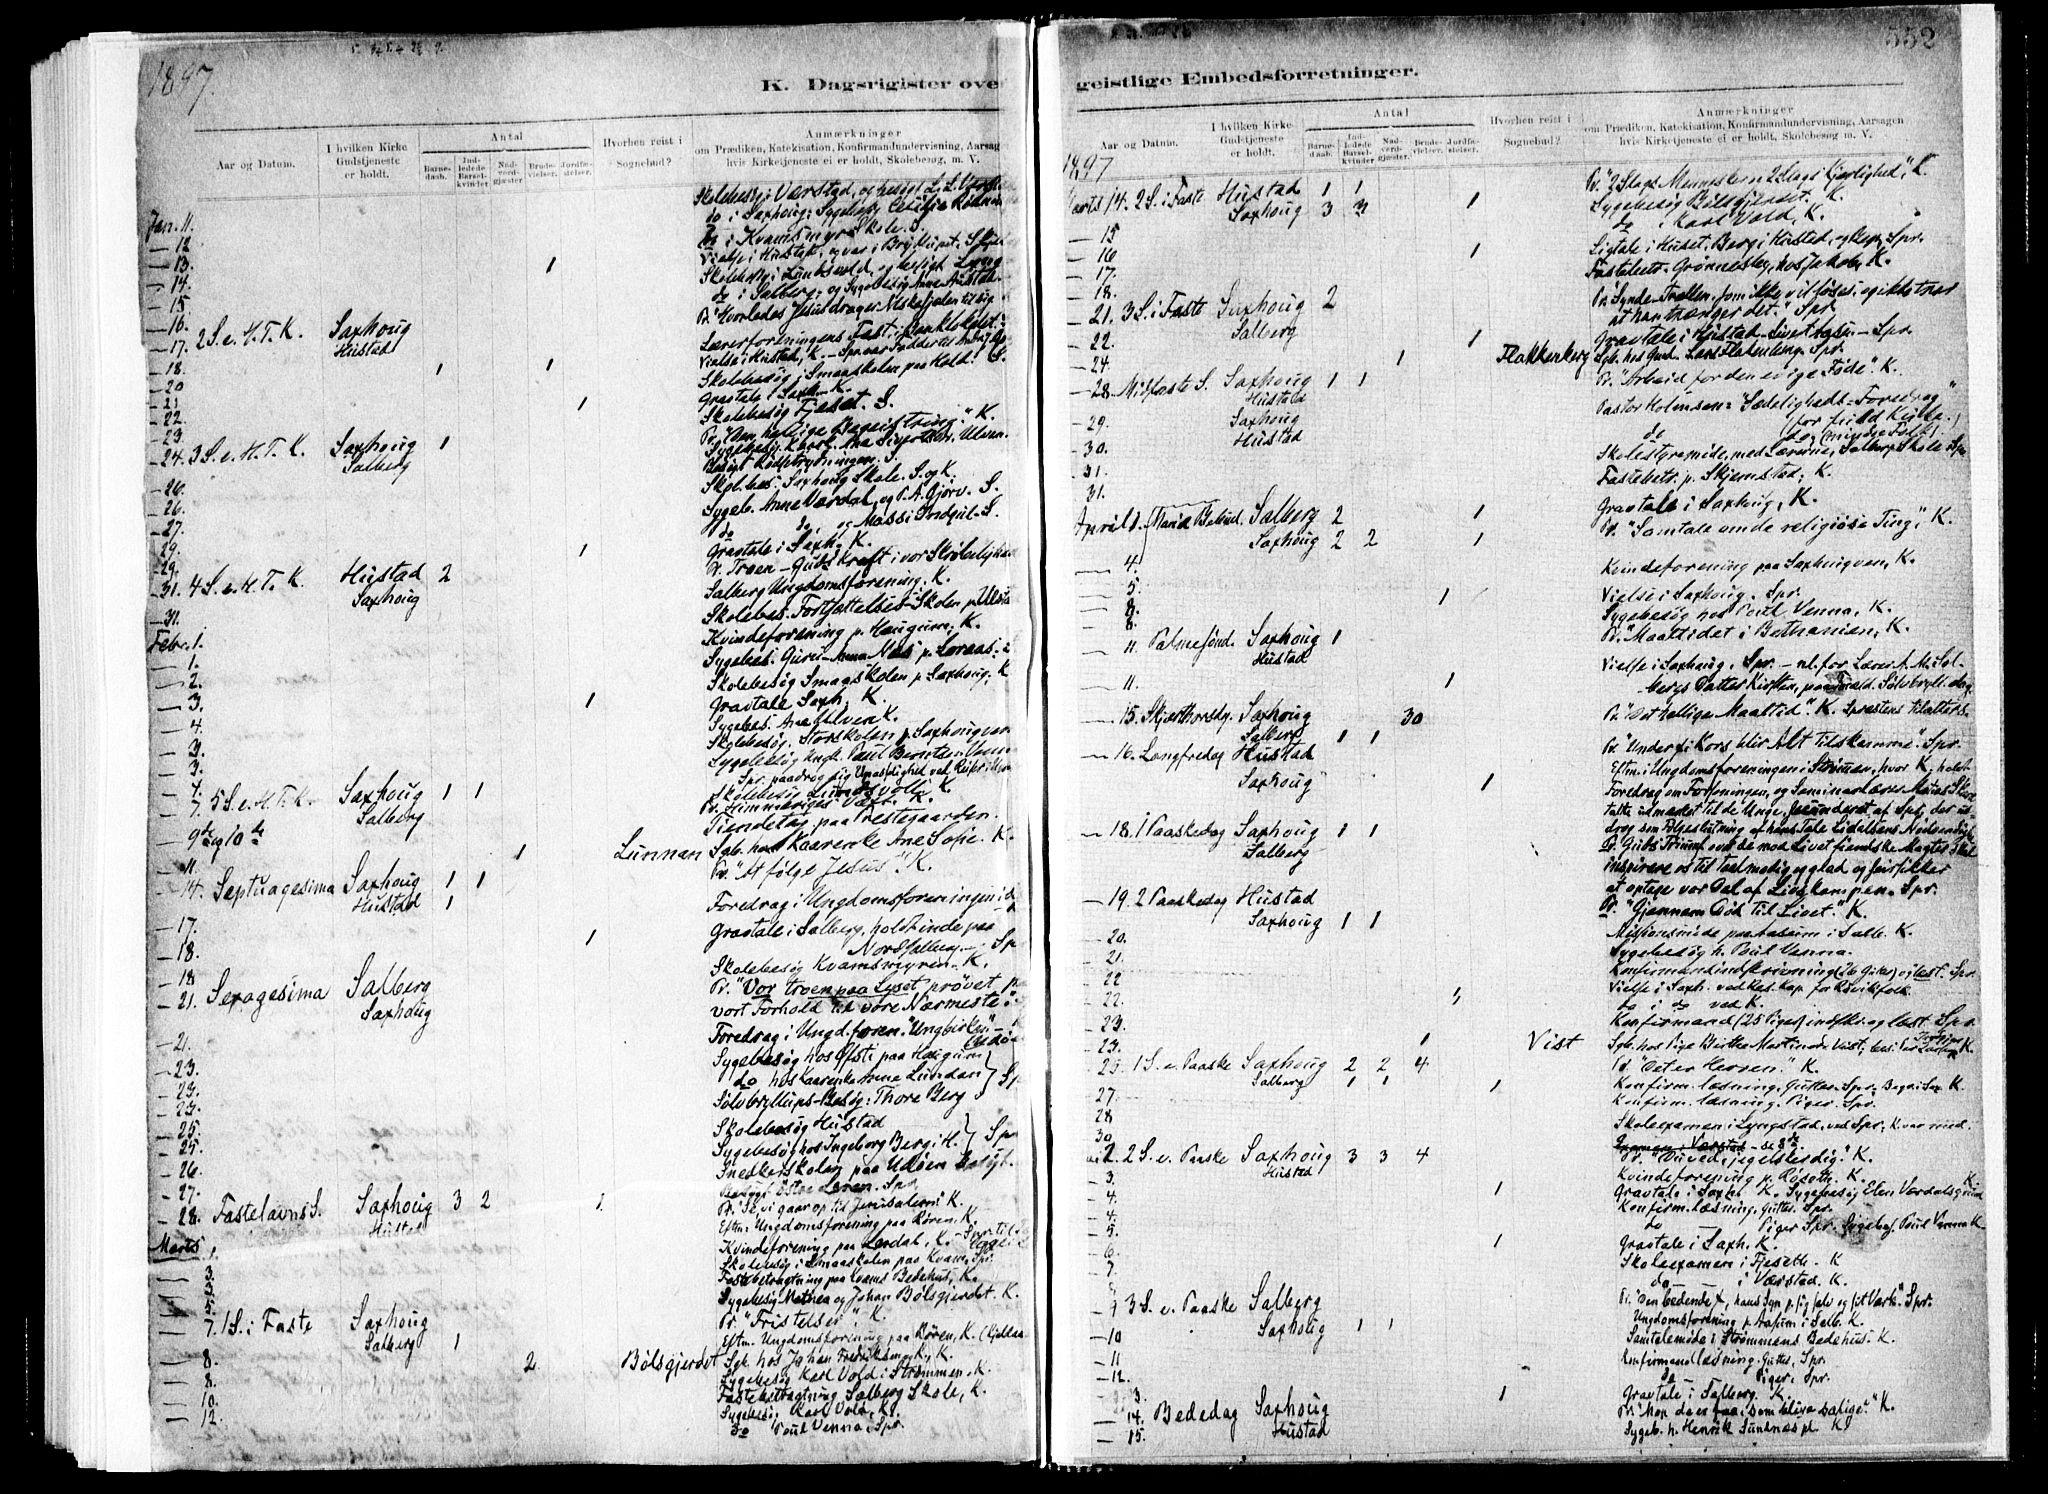 SAT, Ministerialprotokoller, klokkerbøker og fødselsregistre - Nord-Trøndelag, 730/L0285: Ministerialbok nr. 730A10, 1879-1914, s. 552